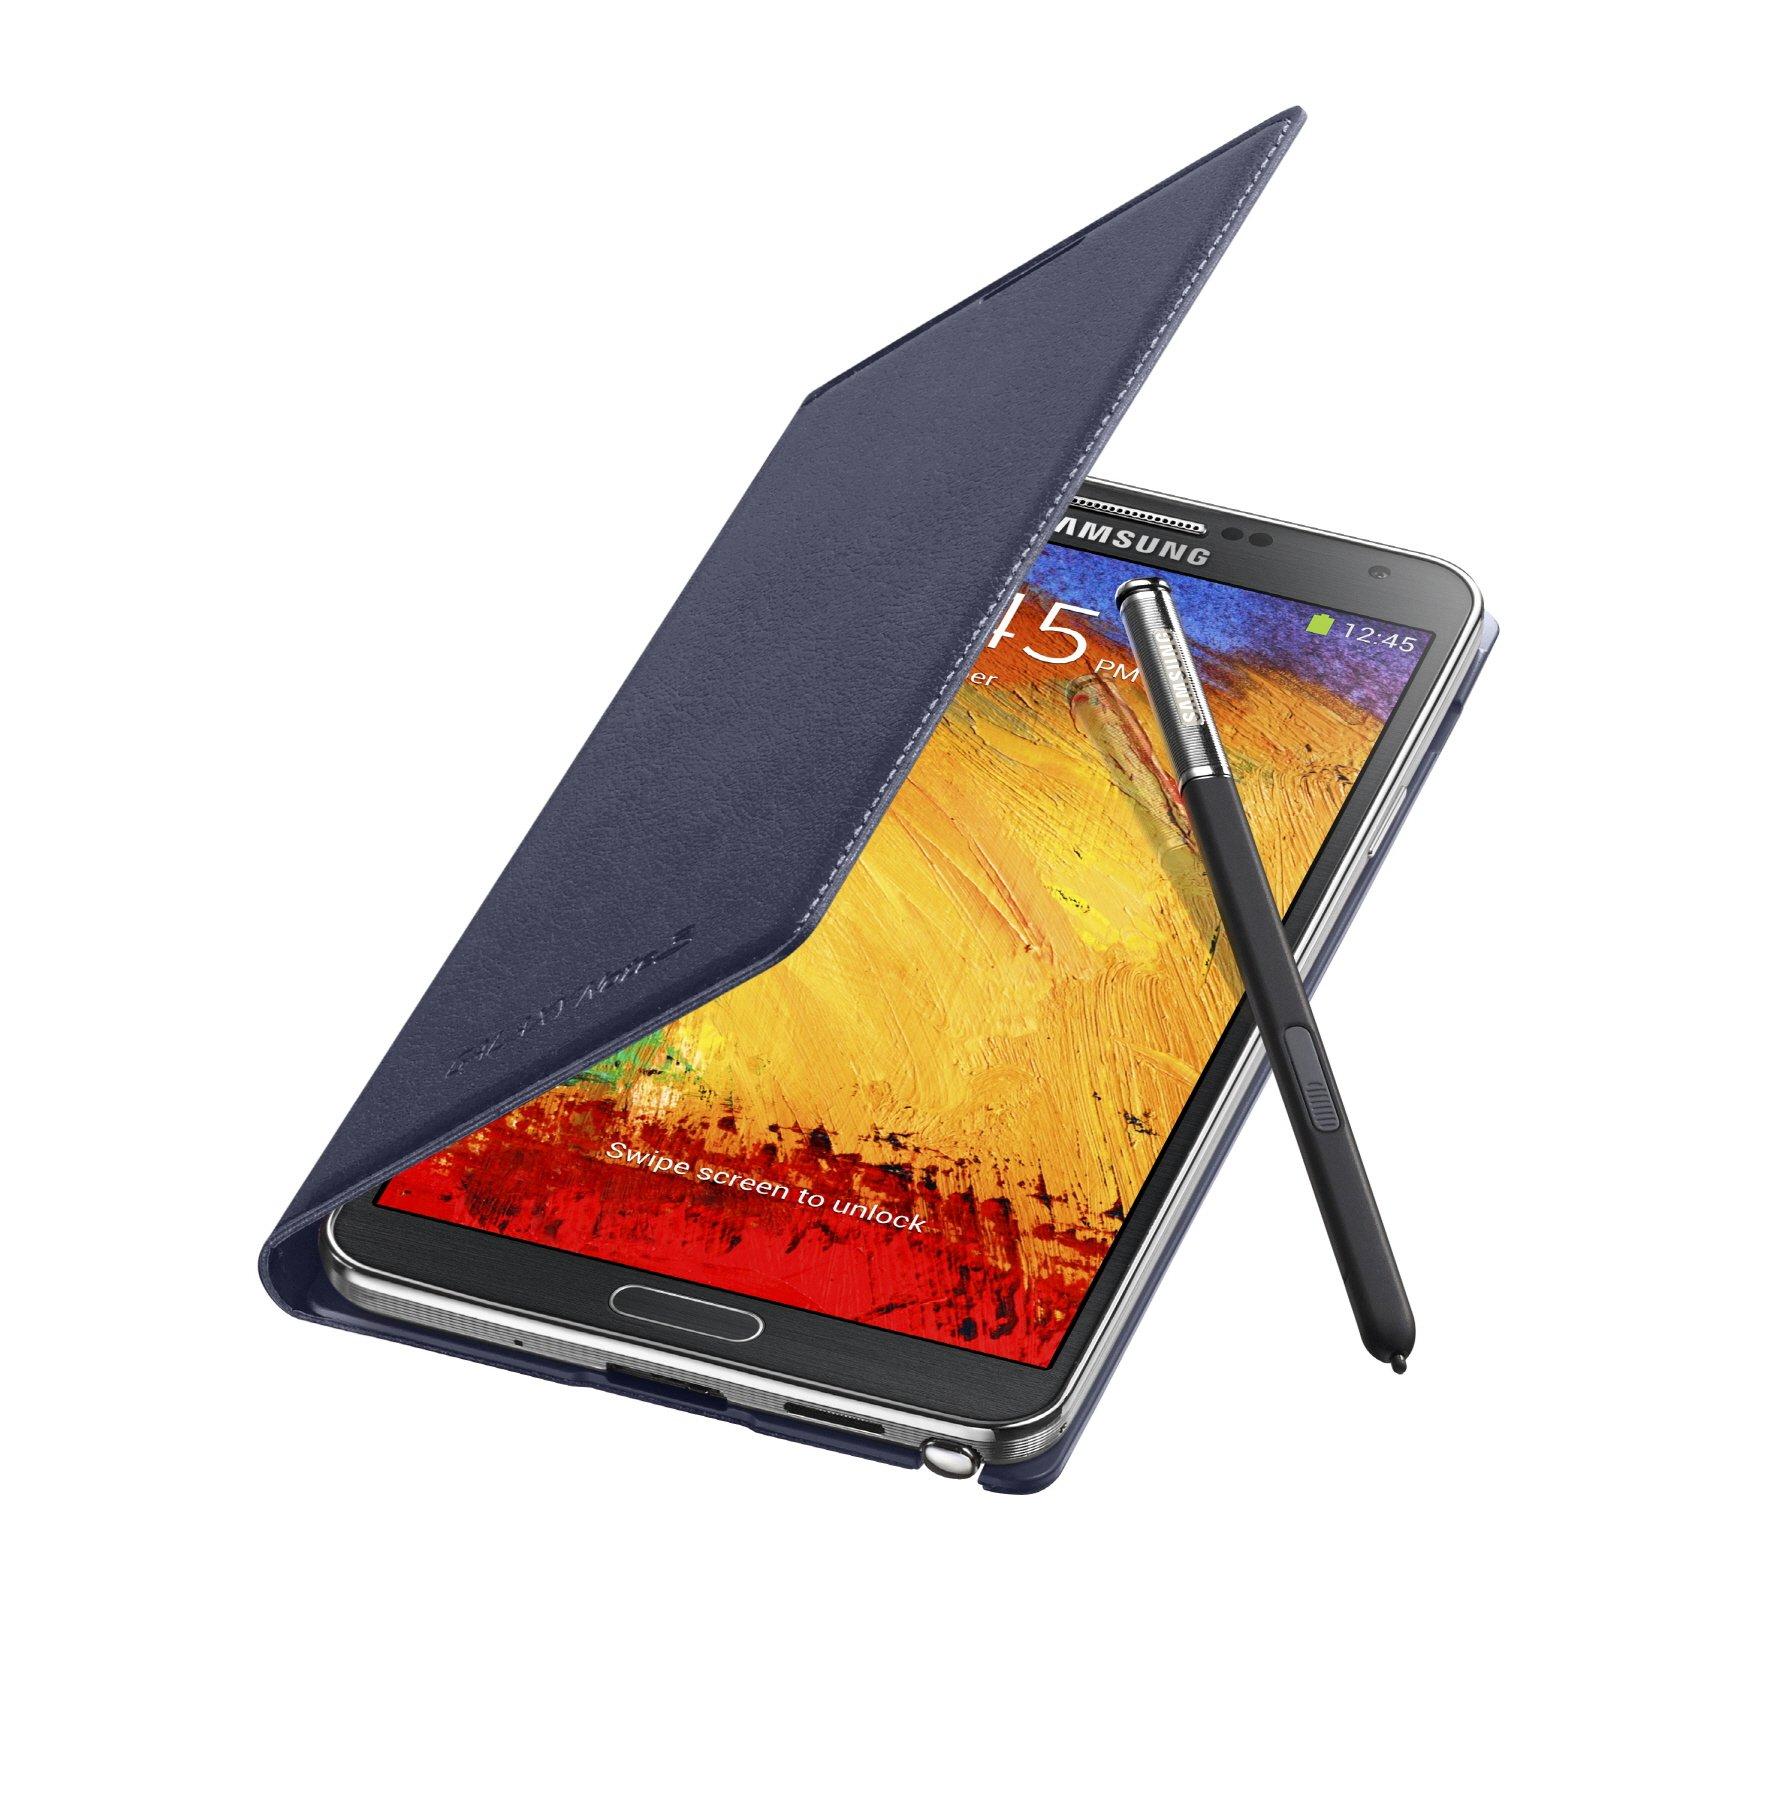 Galaxy Note3 FlipCover_004_Open Pen_Indigo Blue